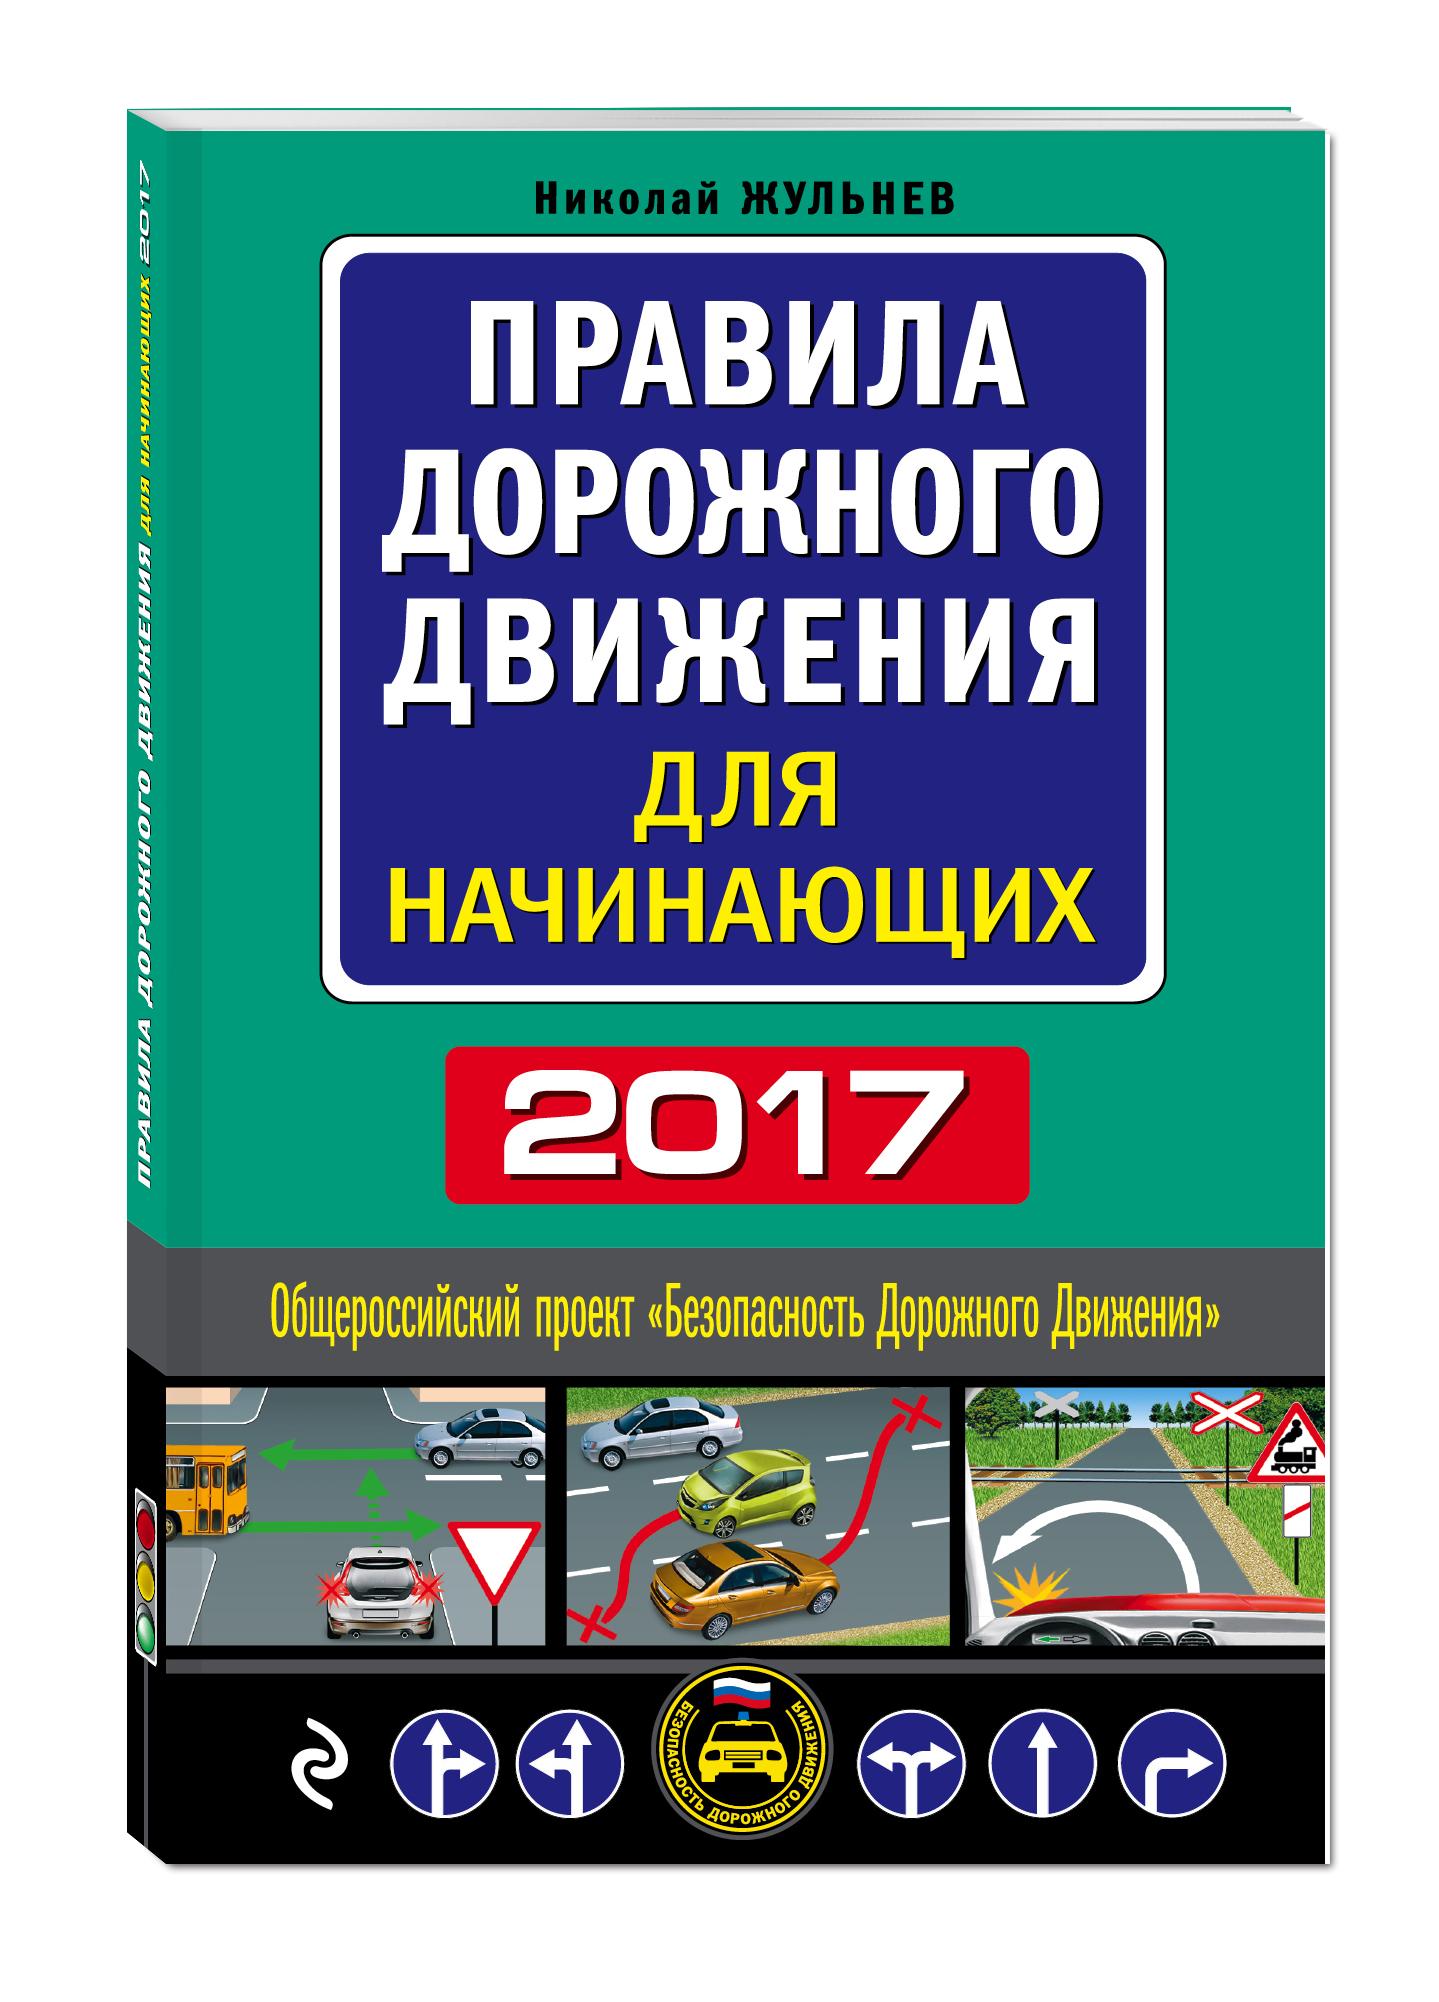 Жульнев Н. Правила дорожного движения для начинающих 2017 плакаты и макеты по правилам дорожного движения где купить в спб